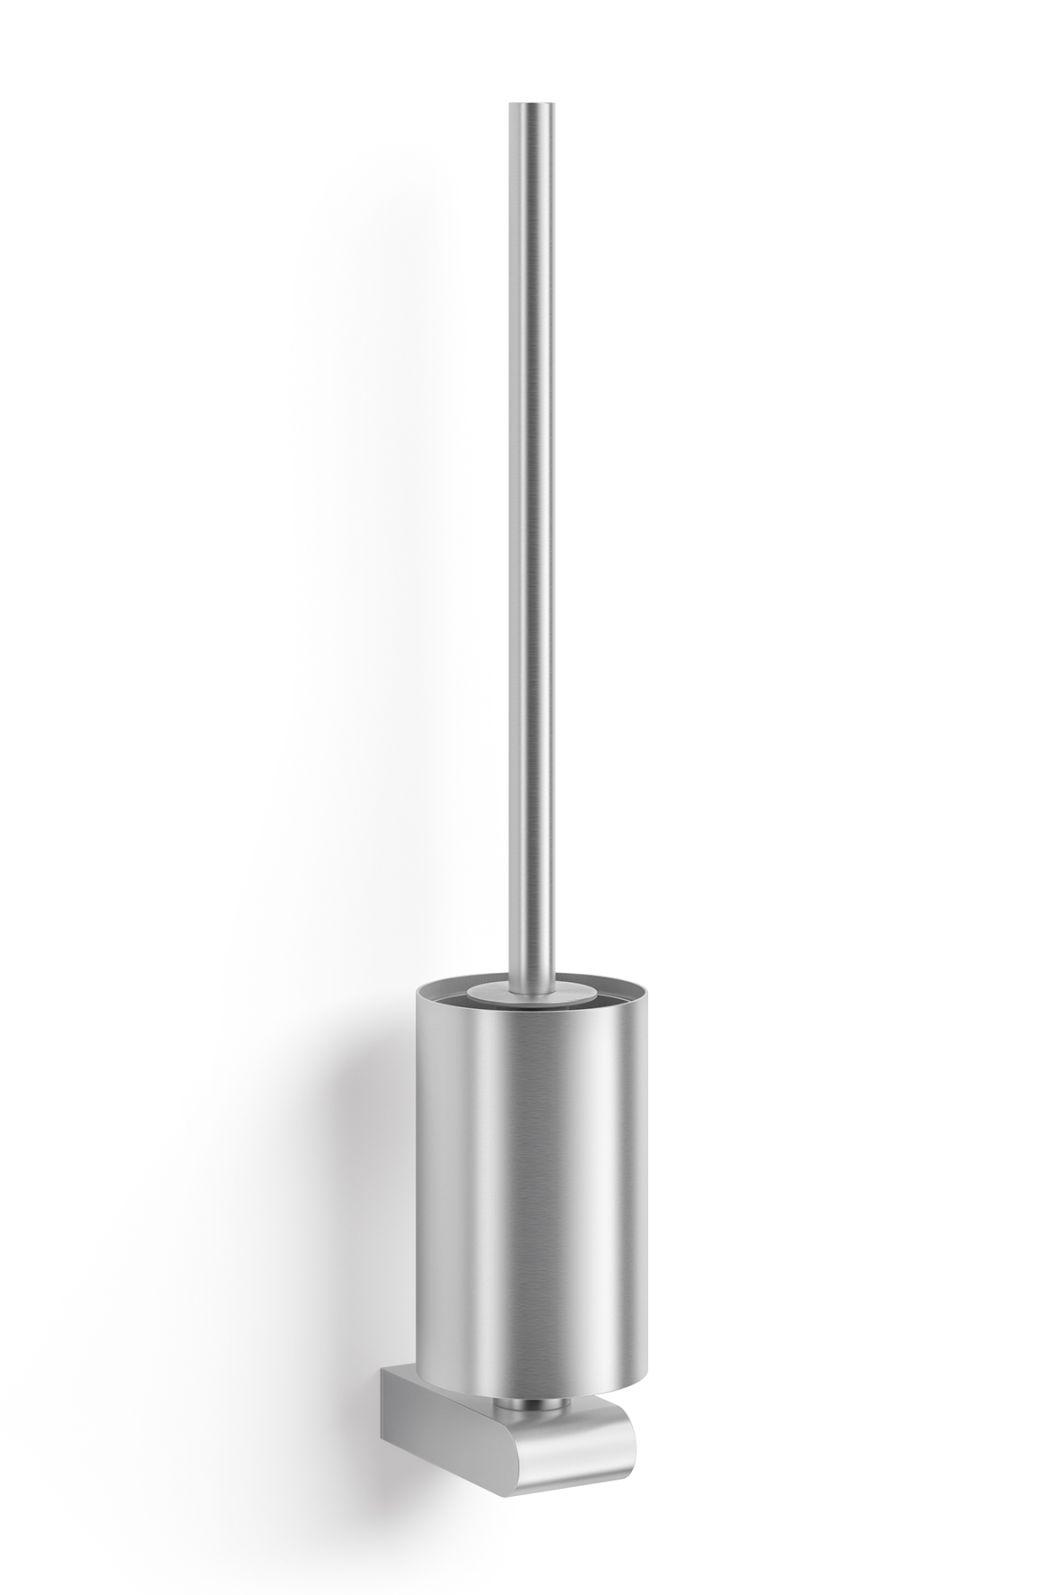 Nástěnná WC štětka ATORE 52 cm, matná - ZACK